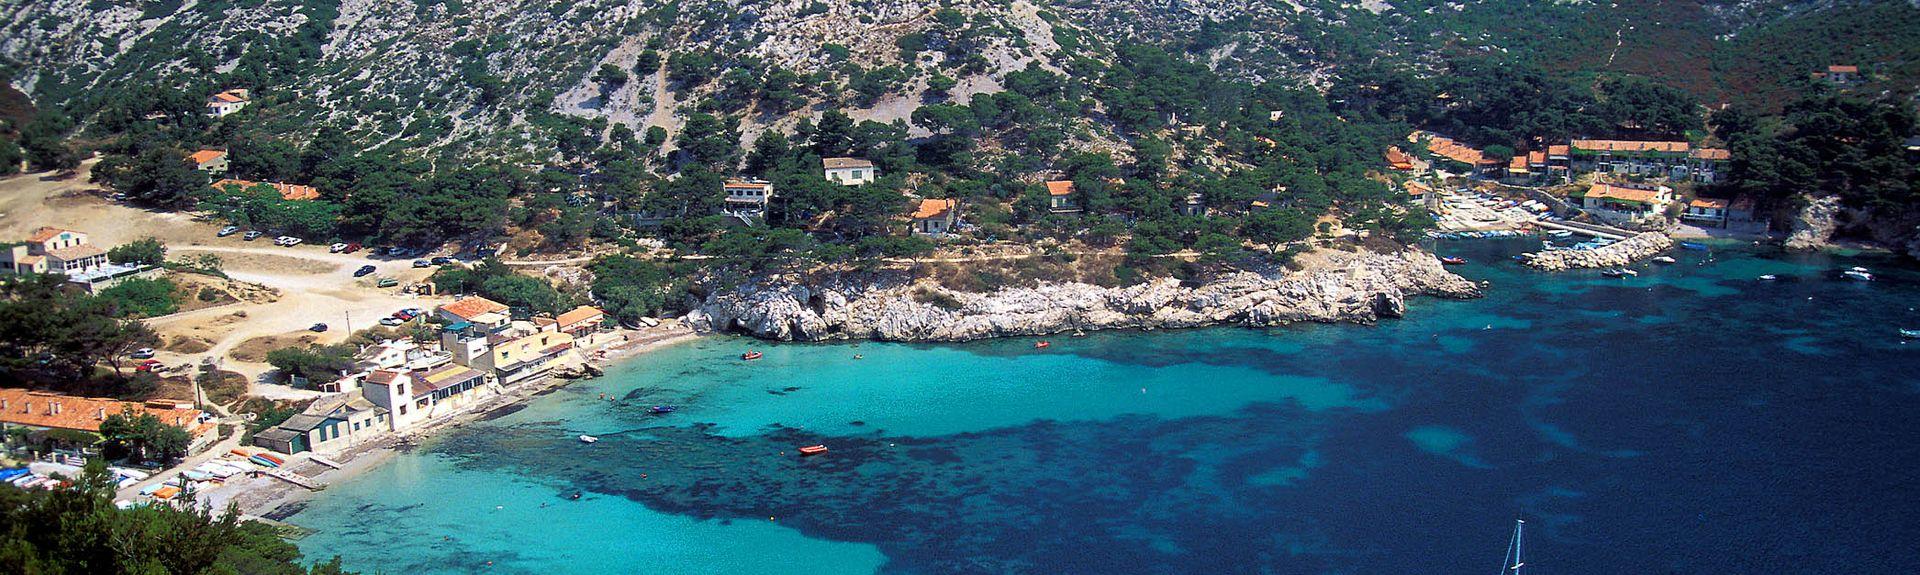 Saint-Charles, Marseille, Provence-Alpes-Côte d'Azur, França